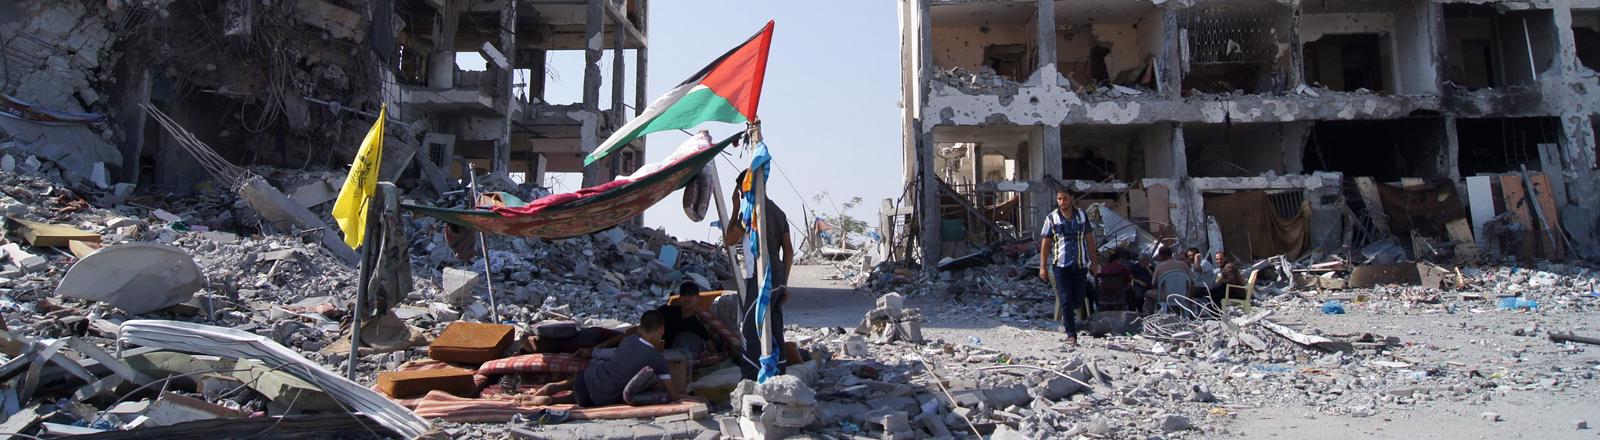 Zerstörte Apartements im Gazastreifen